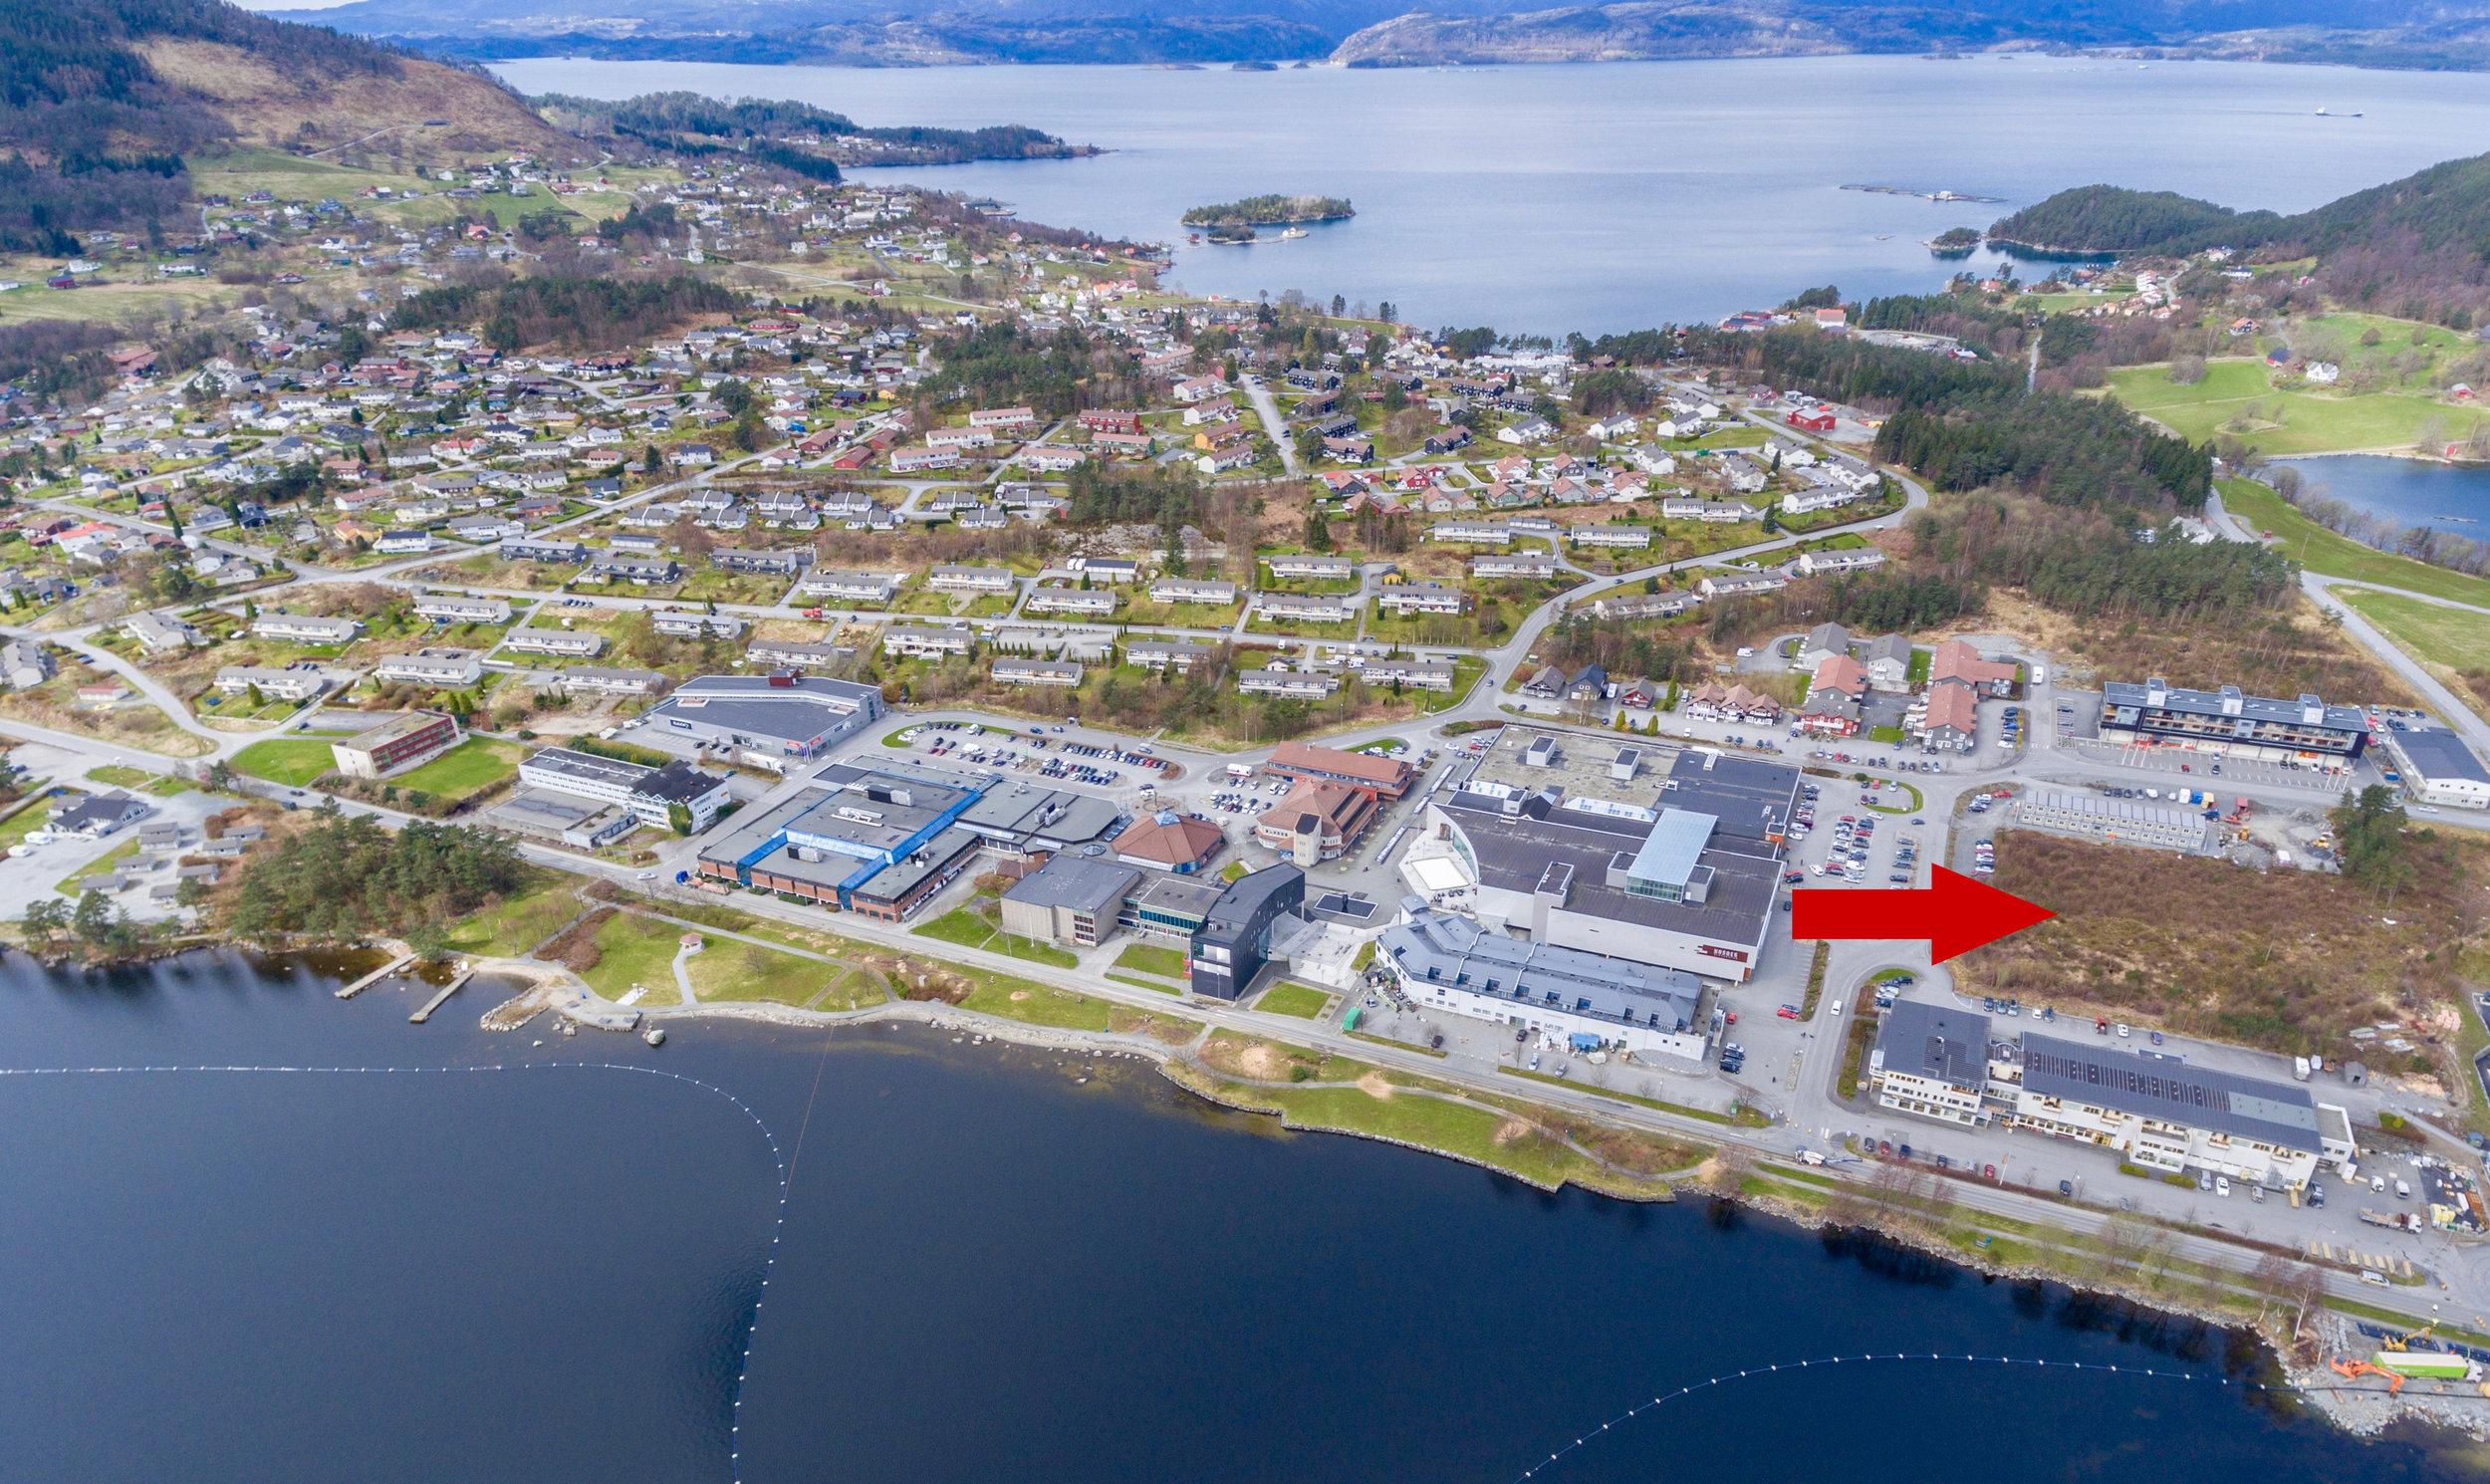 Ei av tomtene (rød pil) som vil bli diskutert i samband med planane om eit seniorsenter på Husnes. (Foto: Kvinnheringen).